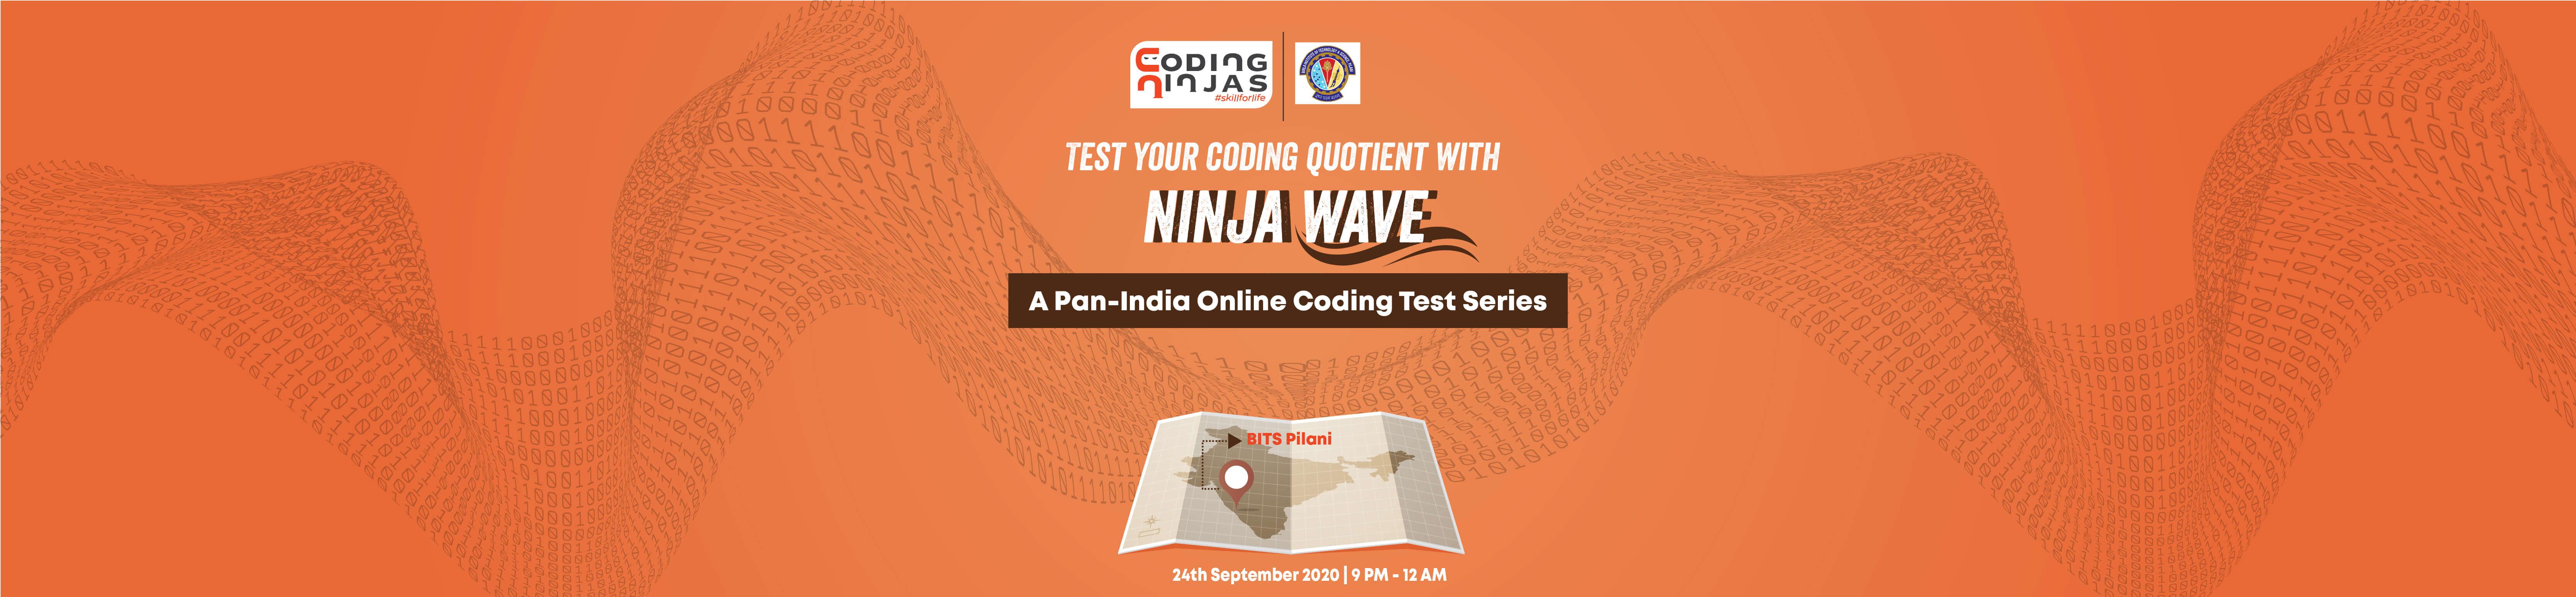 Ninja Wave at BITS, Pilani